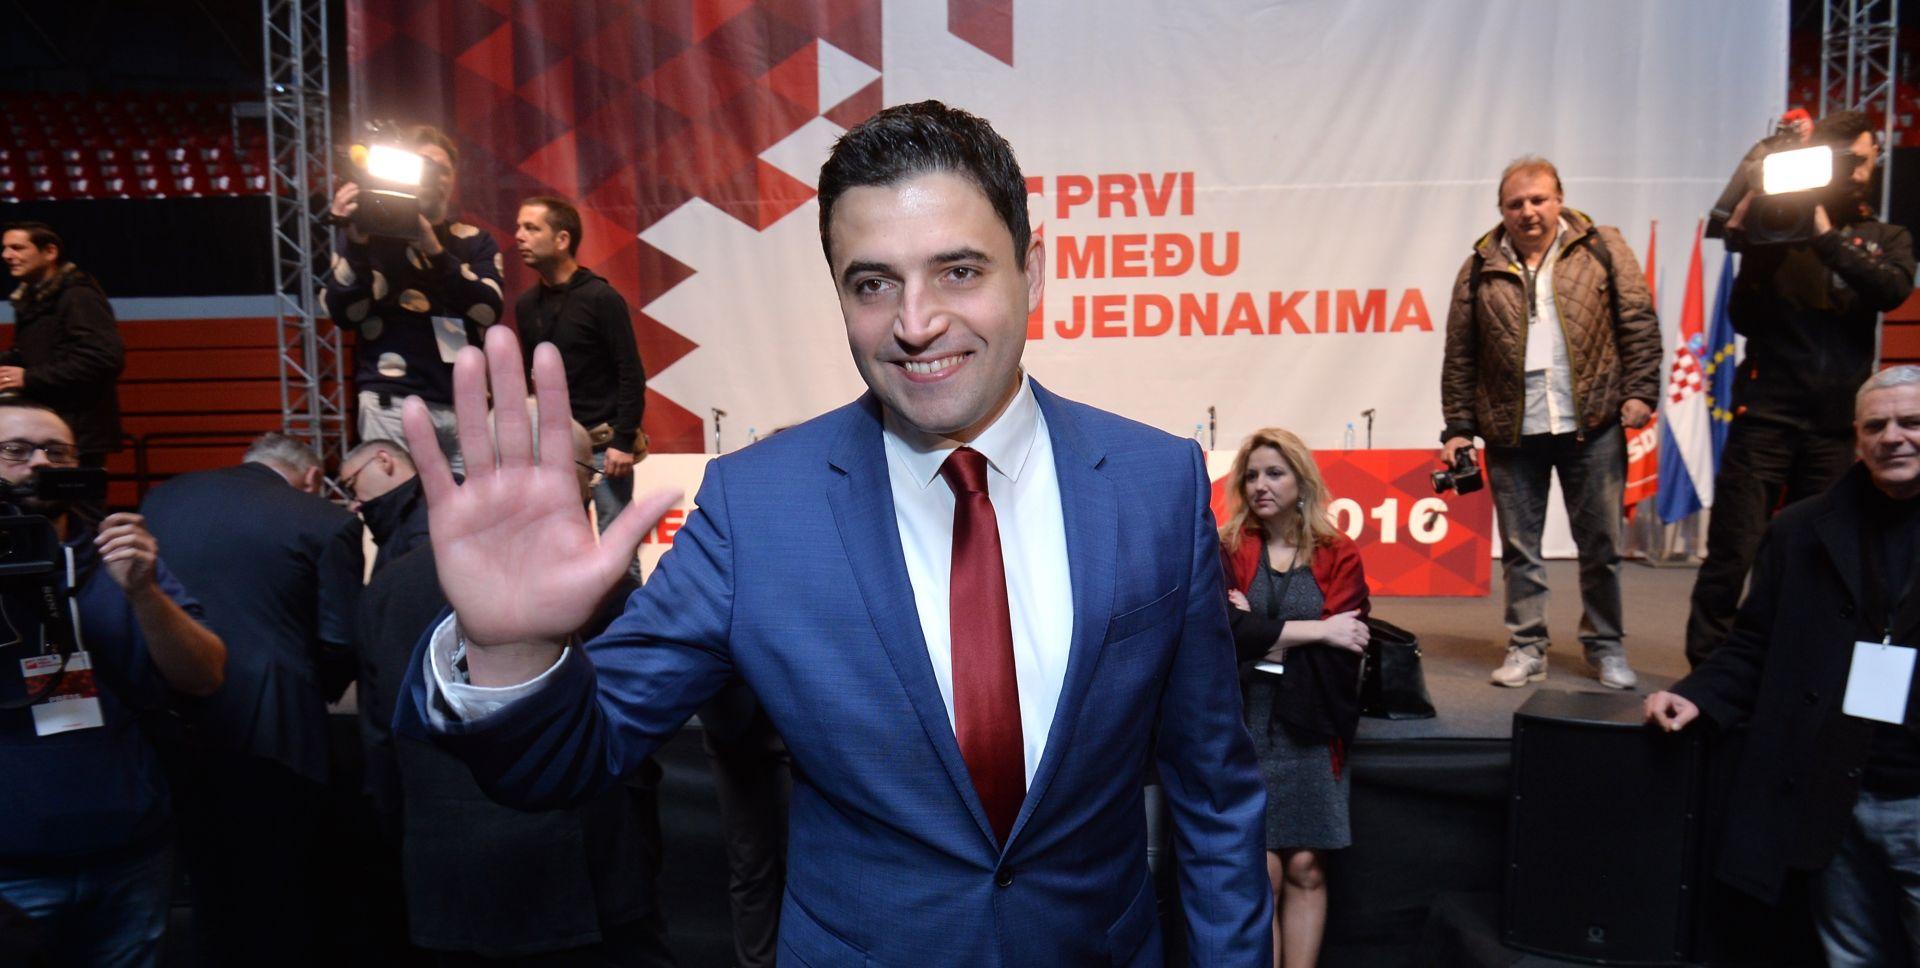 BERNARDIĆ 'SDP će na lokalnim izborima pokazati da ne odustaje'